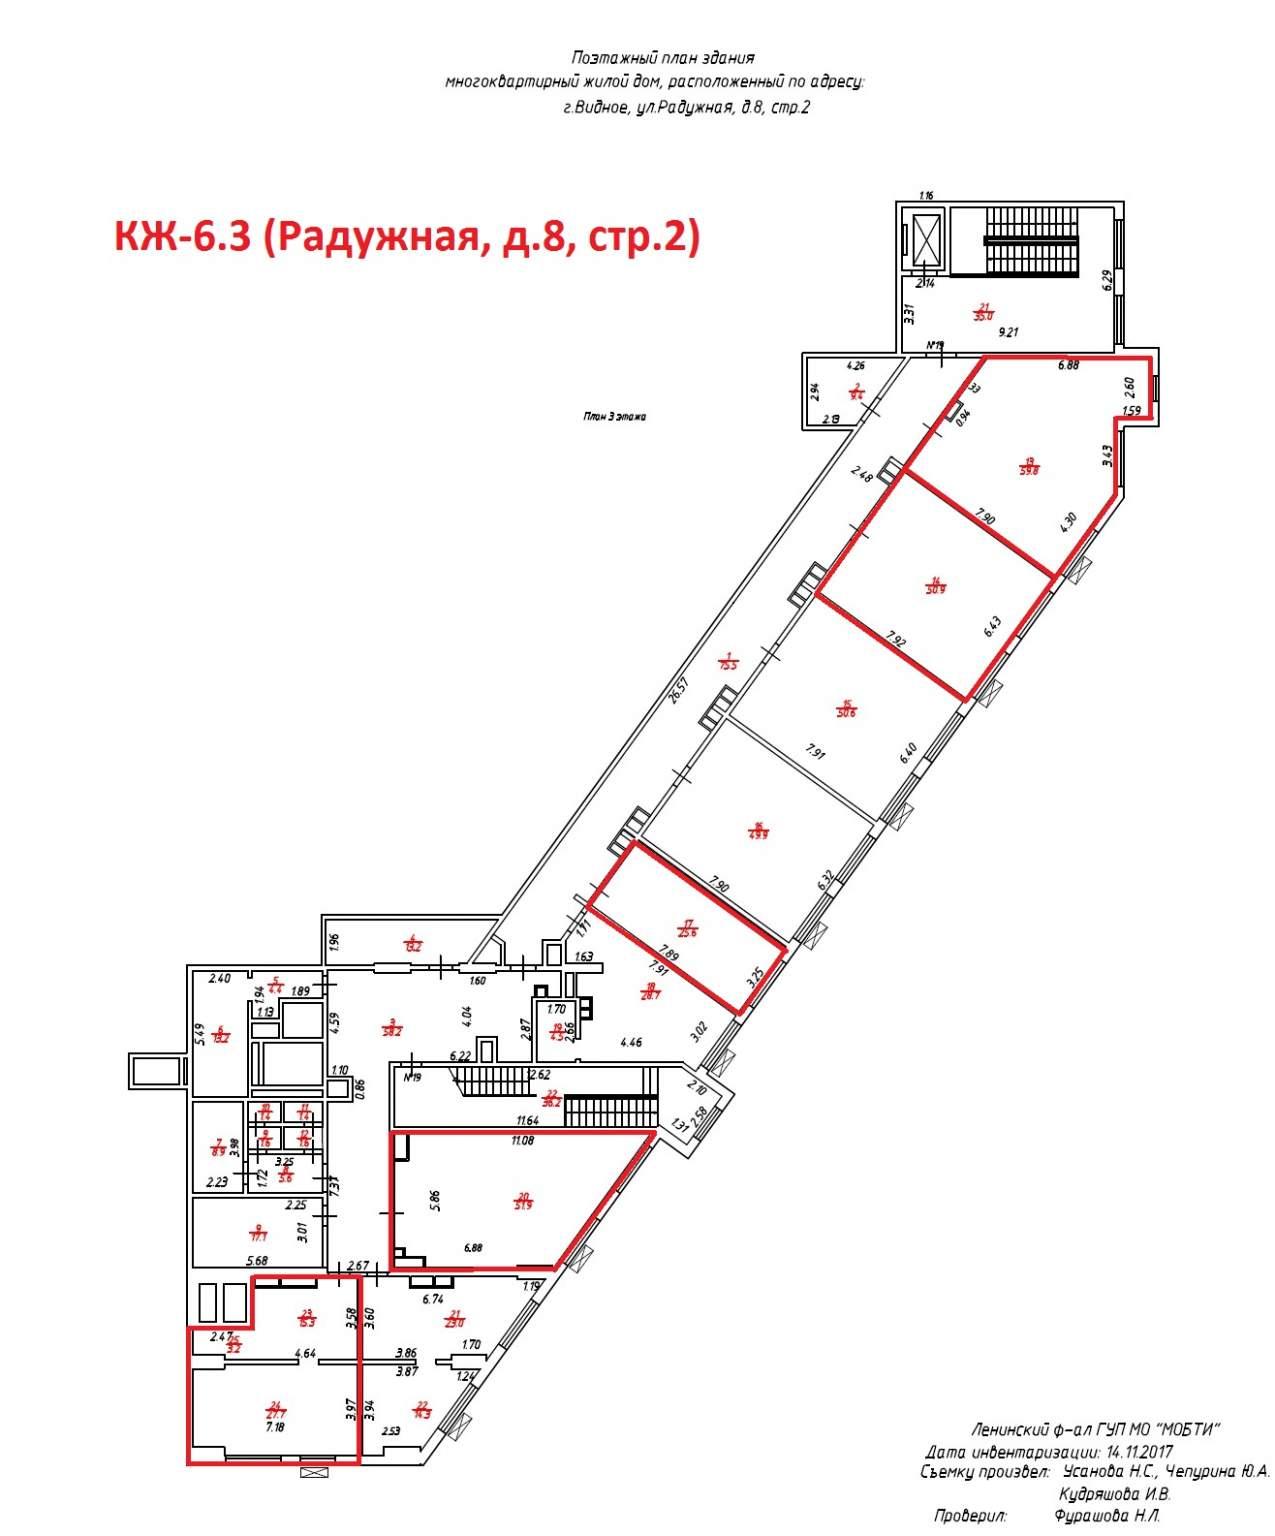 Московская область, Ленинский район, Видное, Радужная, д.8стр2